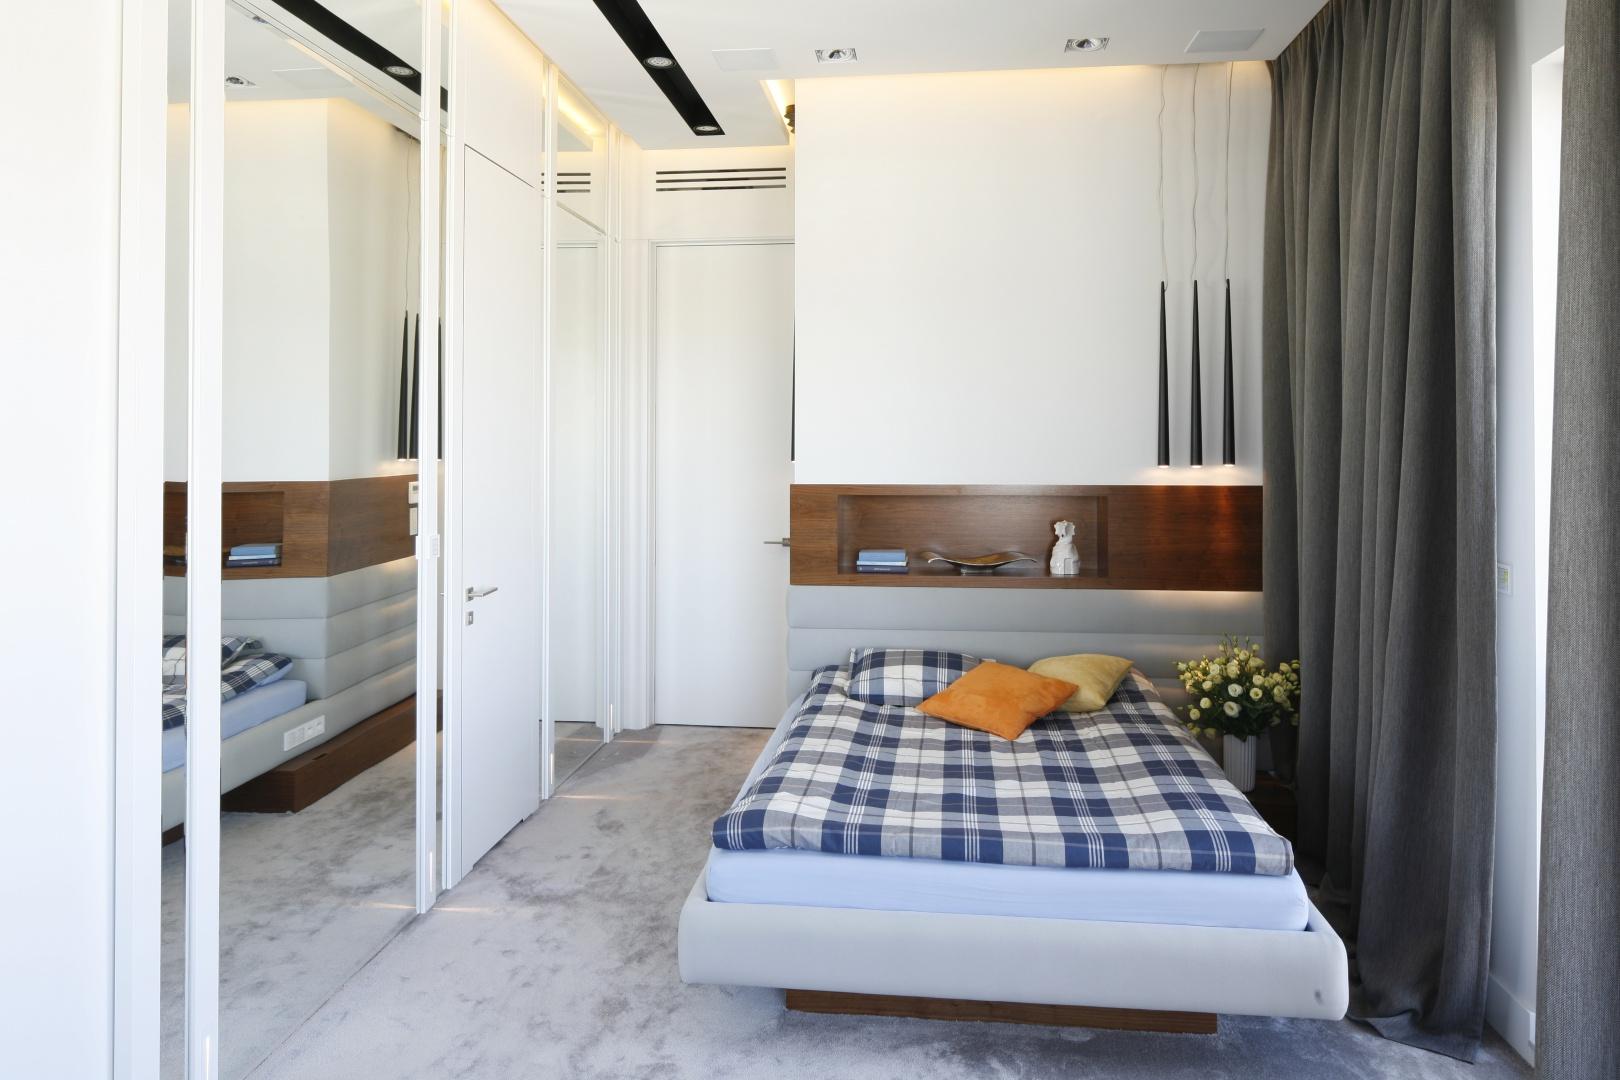 Sypialnia w stylu skandynawskim jest idealnym miejscem do odpoczynku od pracy i upałów. Projekt: Monika i Adam Bronikowscy. Fot. Bartosz Jarosz